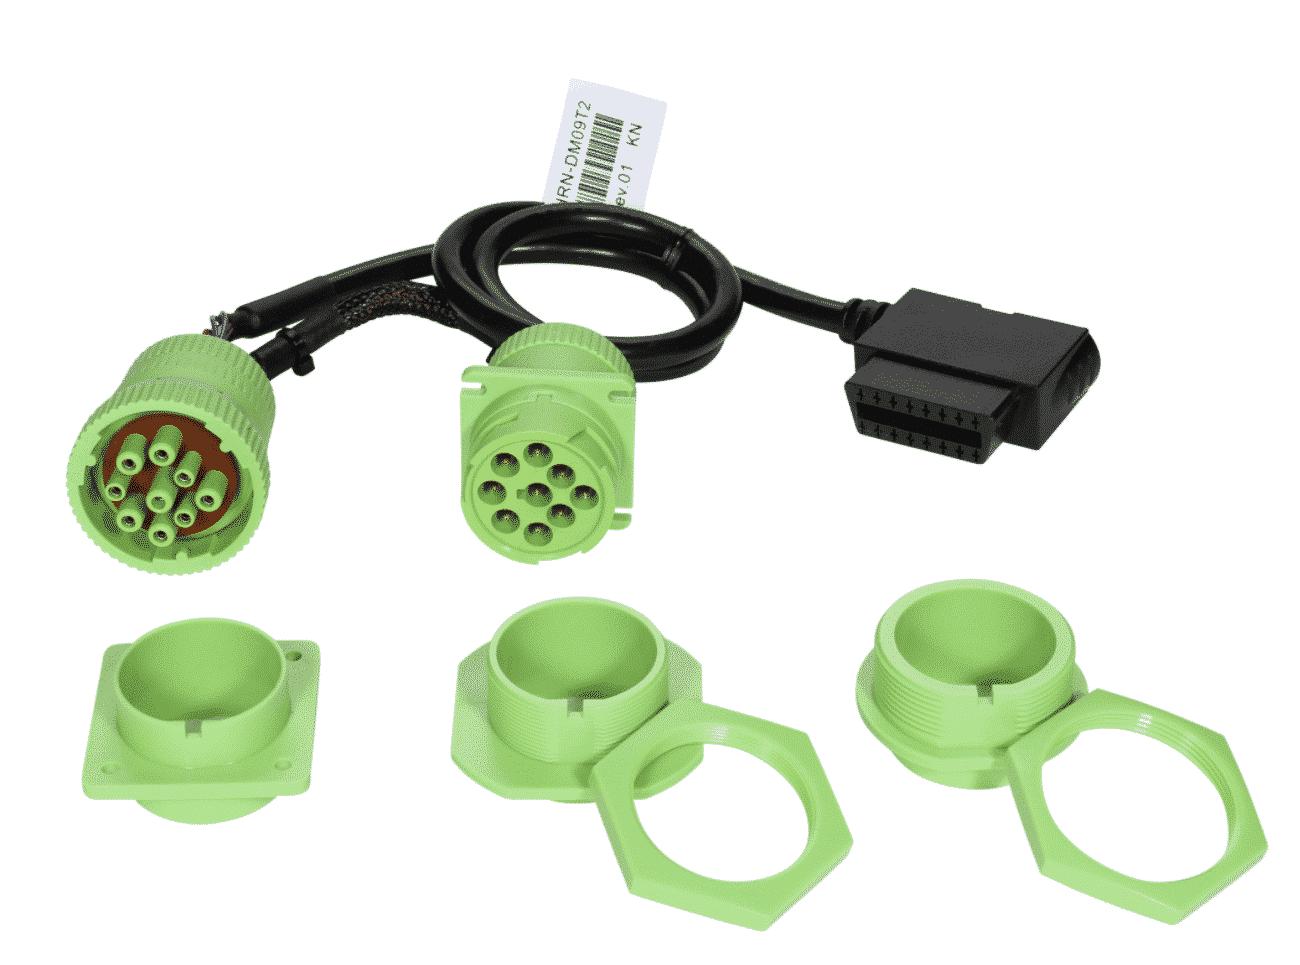 Bild: Geotab HRN-GS09K2 Kabelbaum Adapter 9-Pol. T-Kabelsatz mit vier Montagehalterung